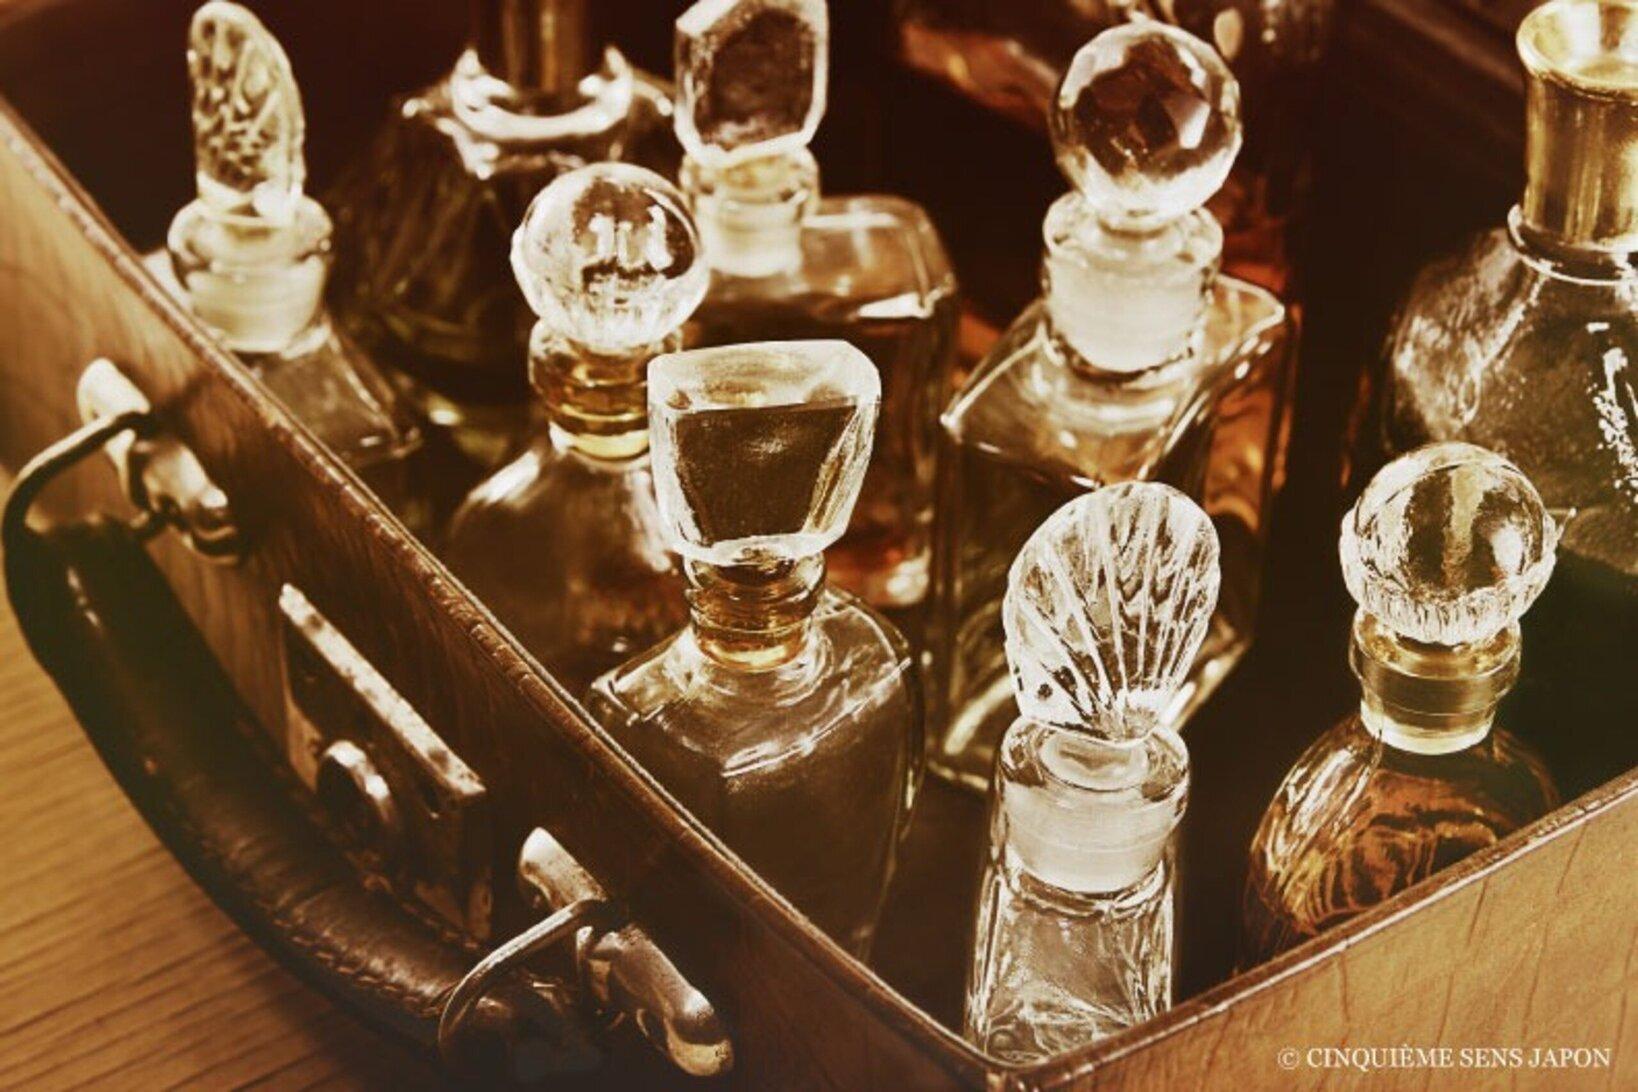 当ページは、「レッスンNo4:19世紀以降の近代香水史と歴史に名を残す名香水」の応募ページです。